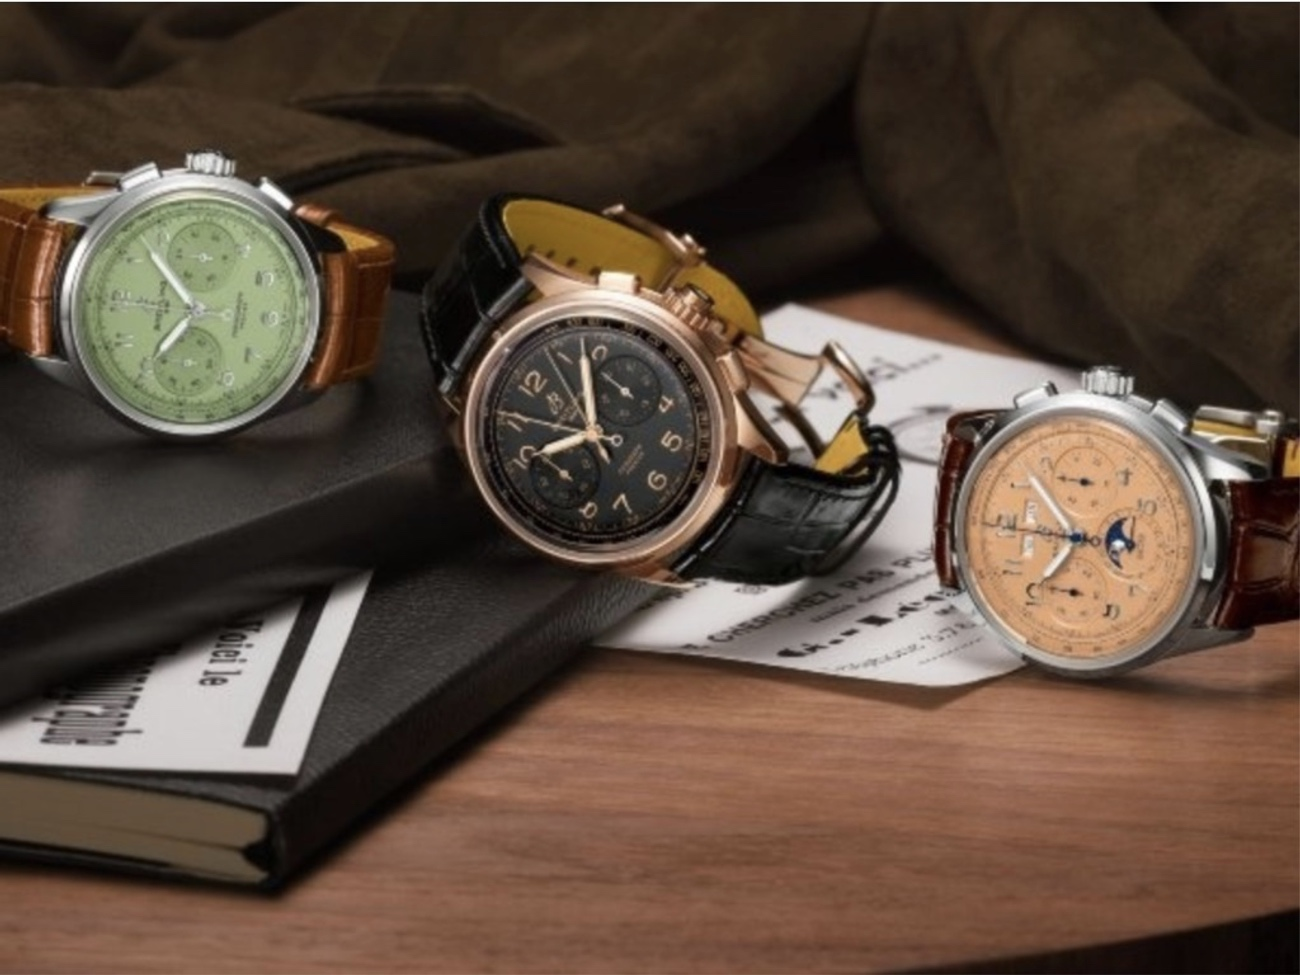 6 πανέμορφα ρολόγια από την Breitling που θα τραβήξουν όλα τα βλέμματα στον καρπό σου